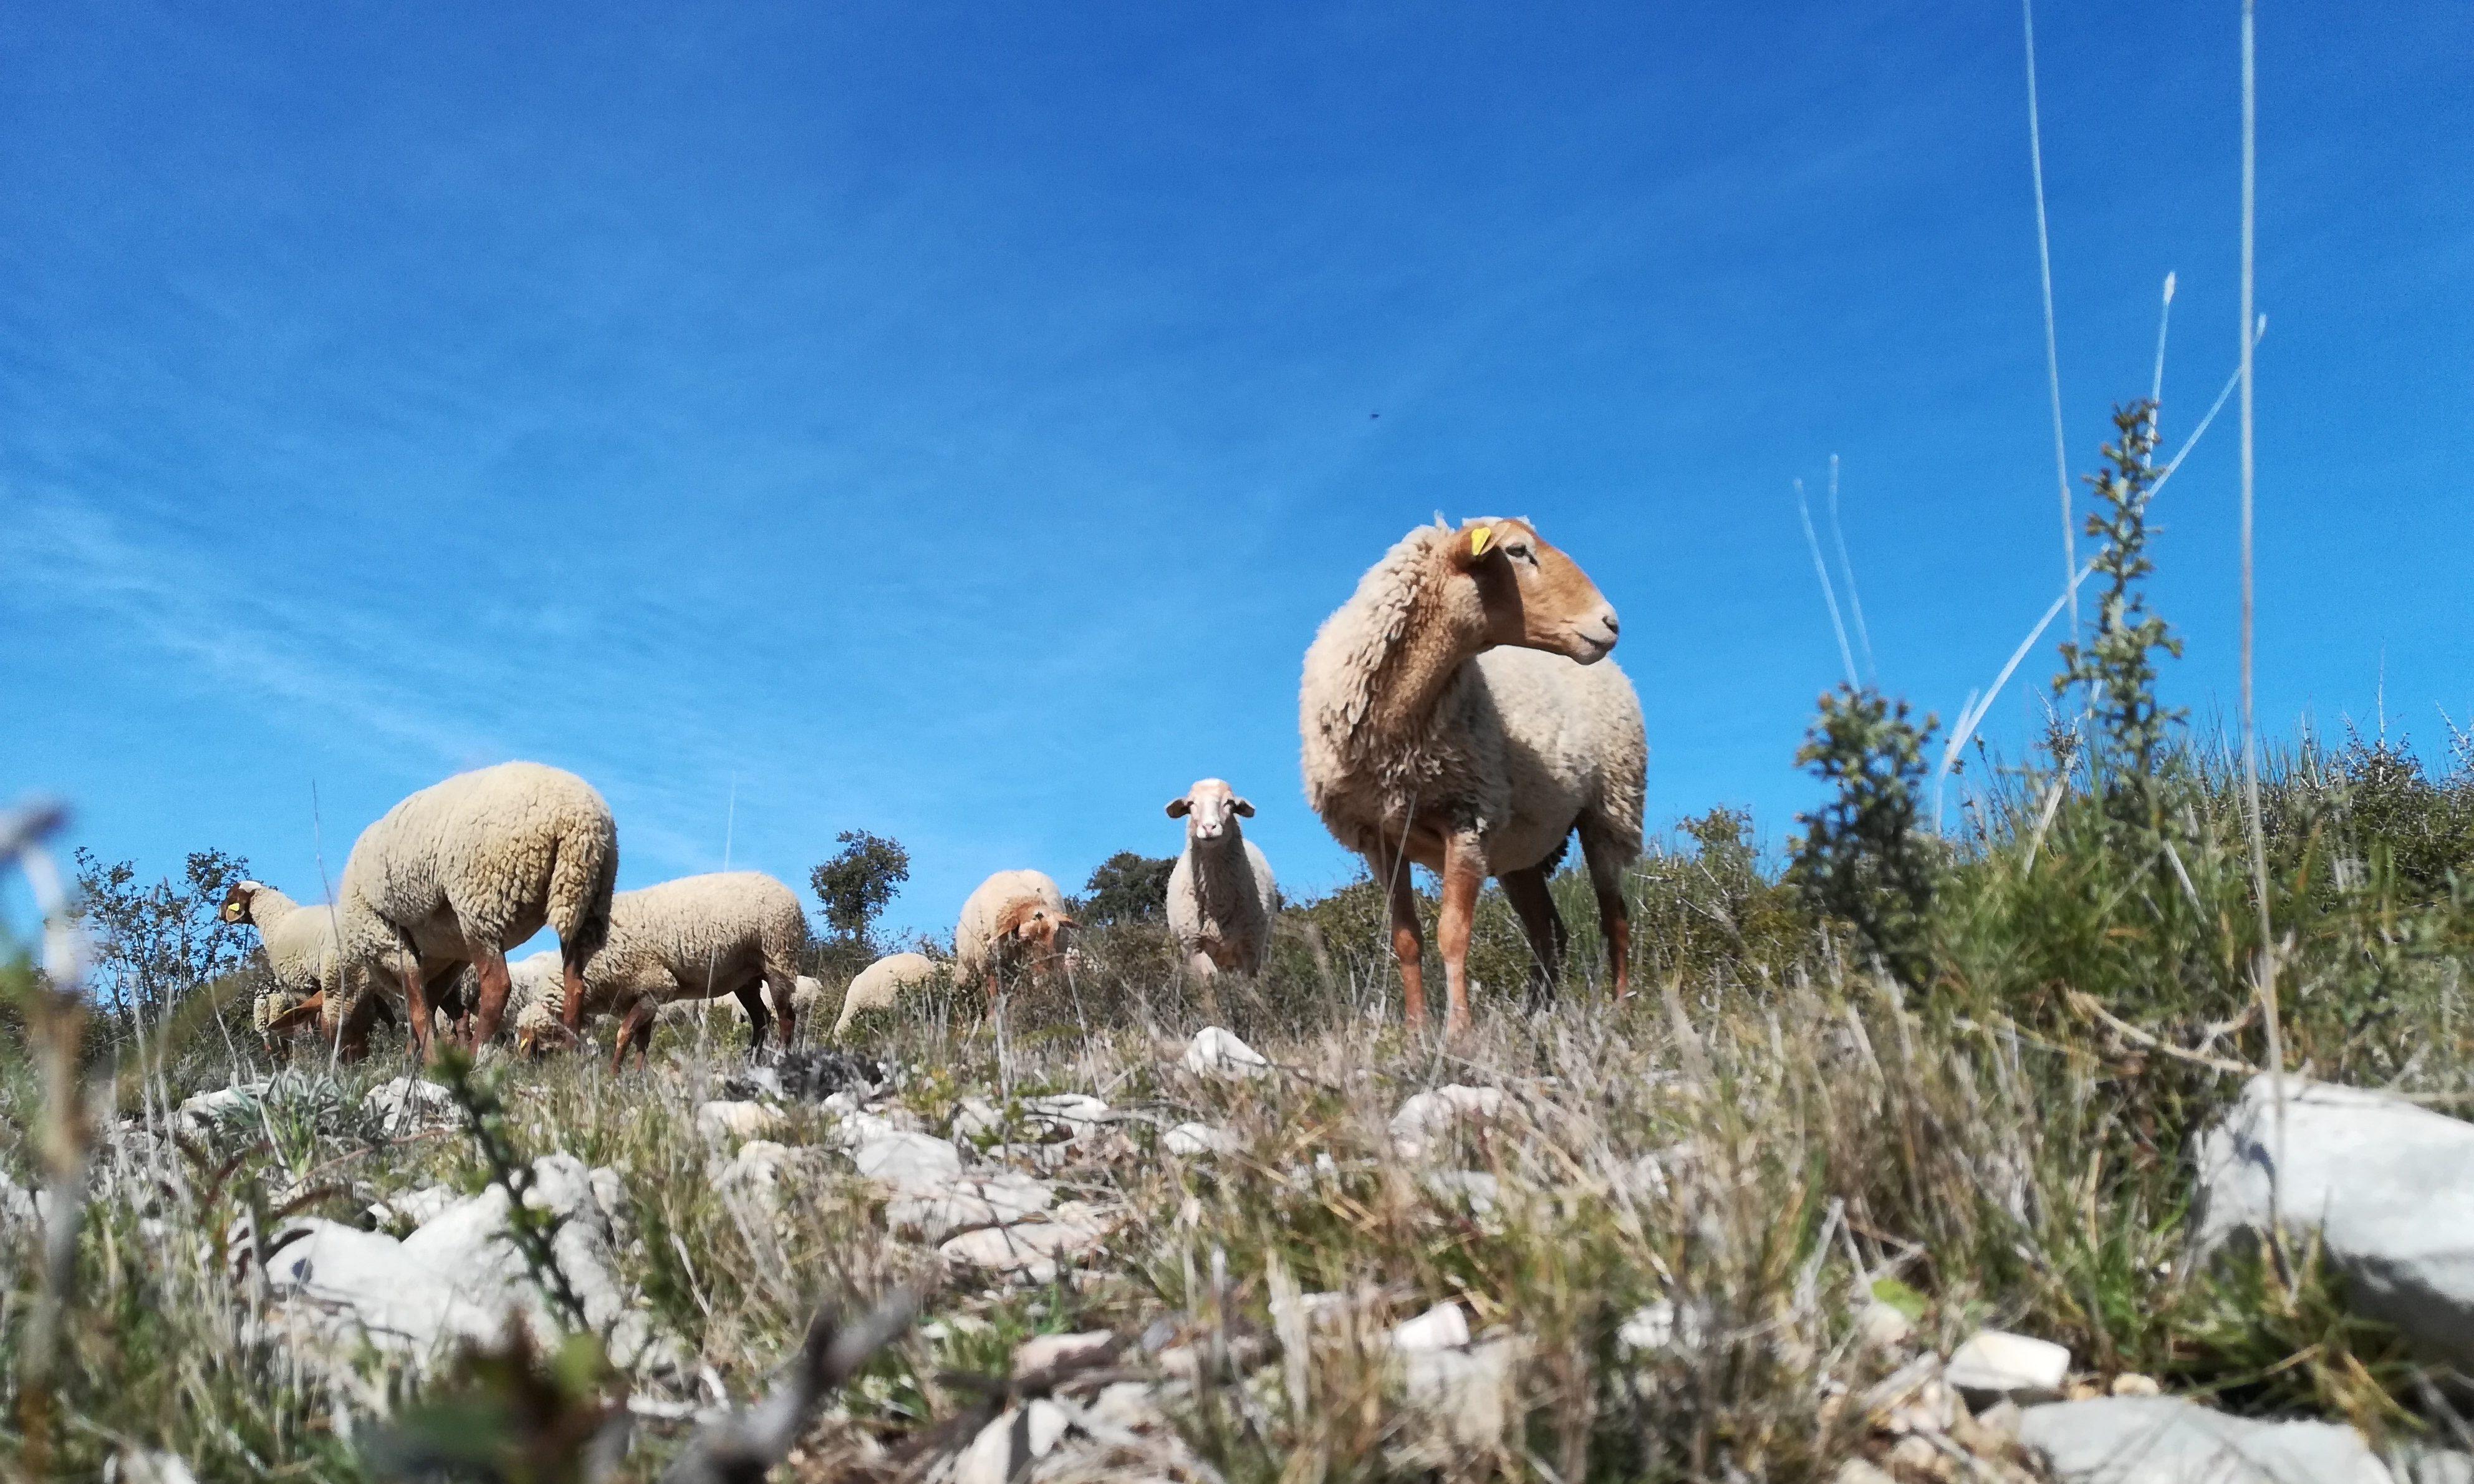 Le feu, pour soutenir (aussi) le pastoralisme. Photo : Thierry Alignan